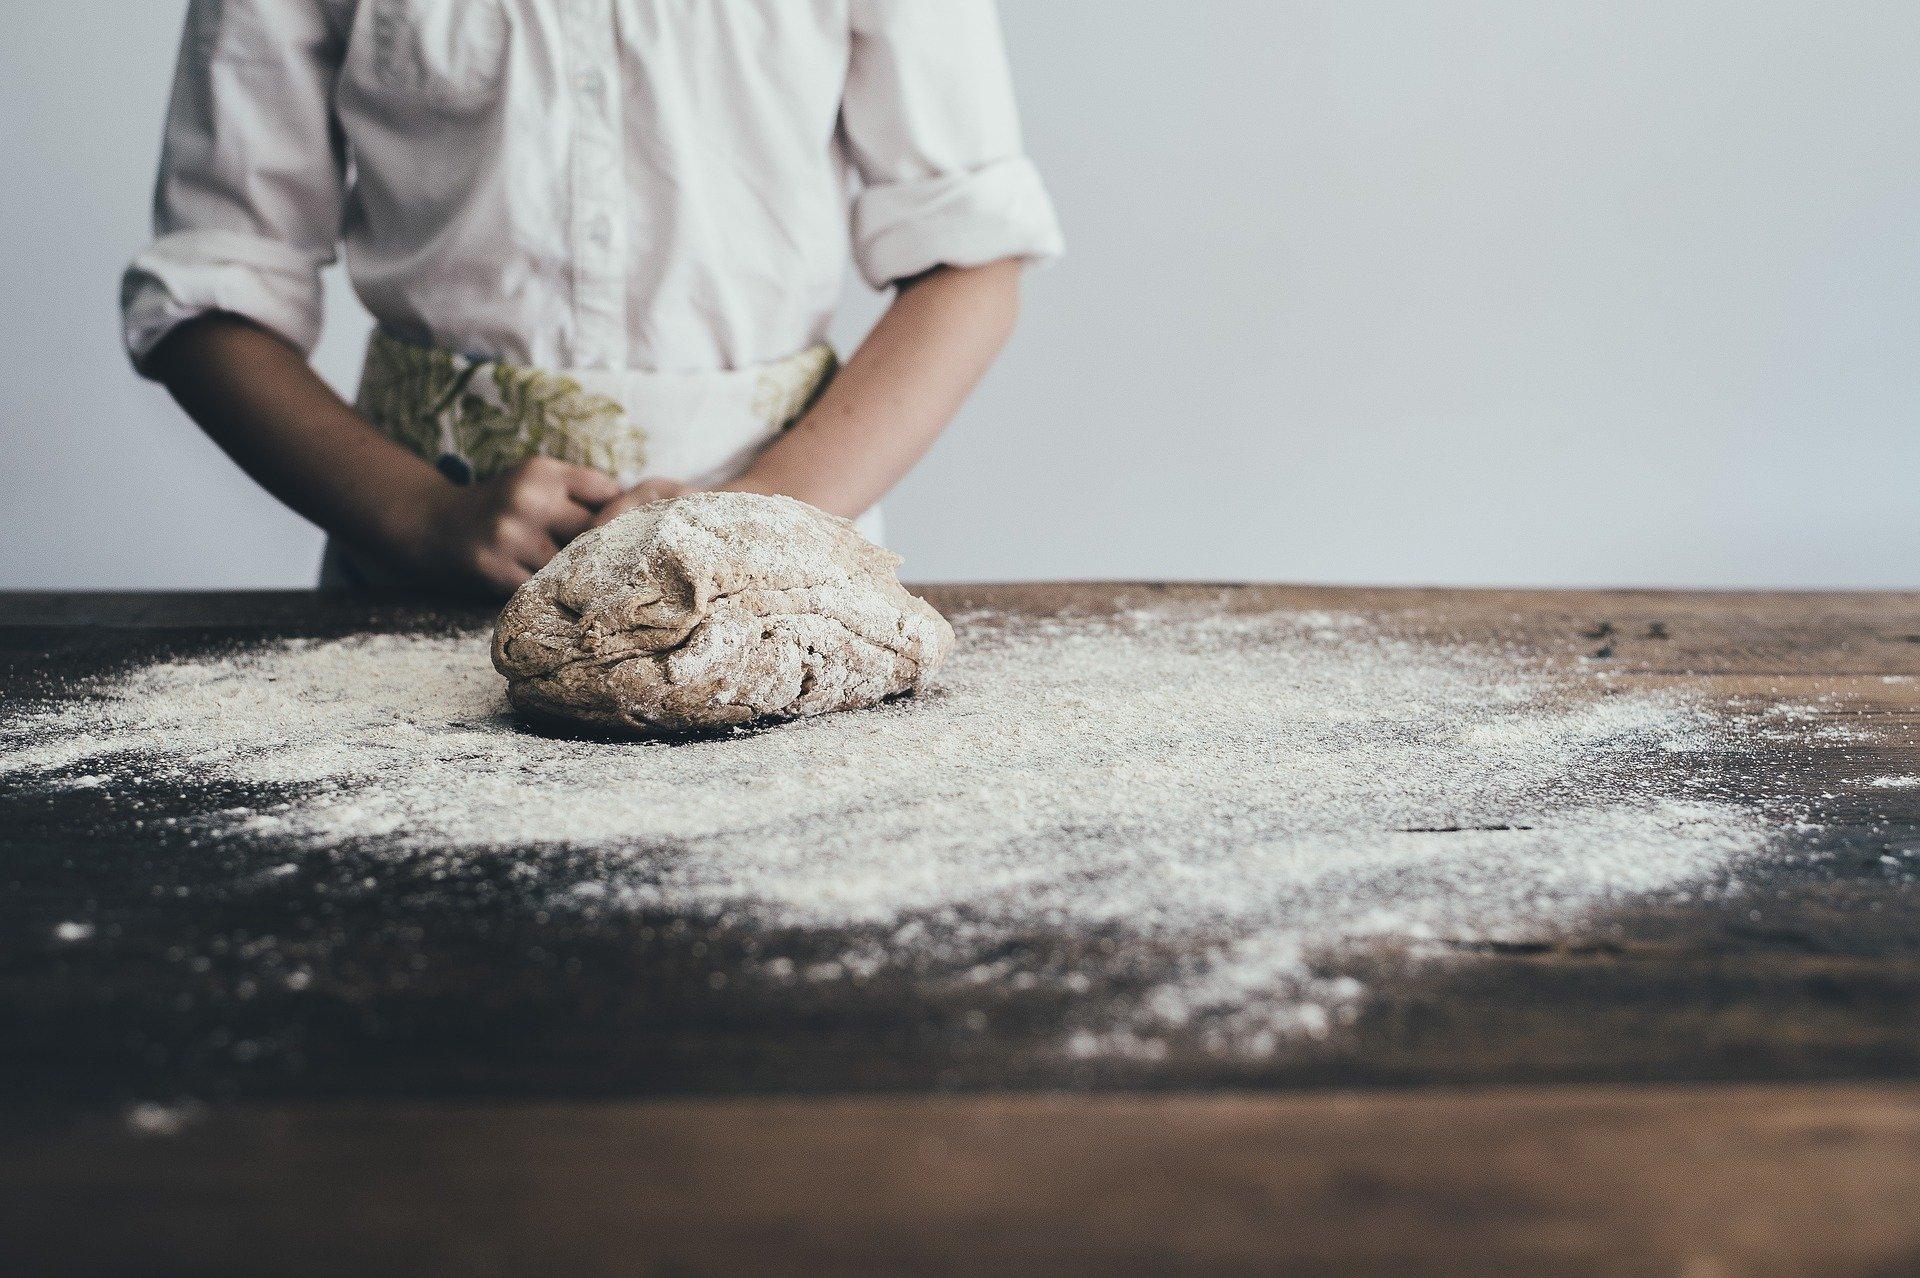 Brutar lângă o masă unde se află o pâine necoaptă